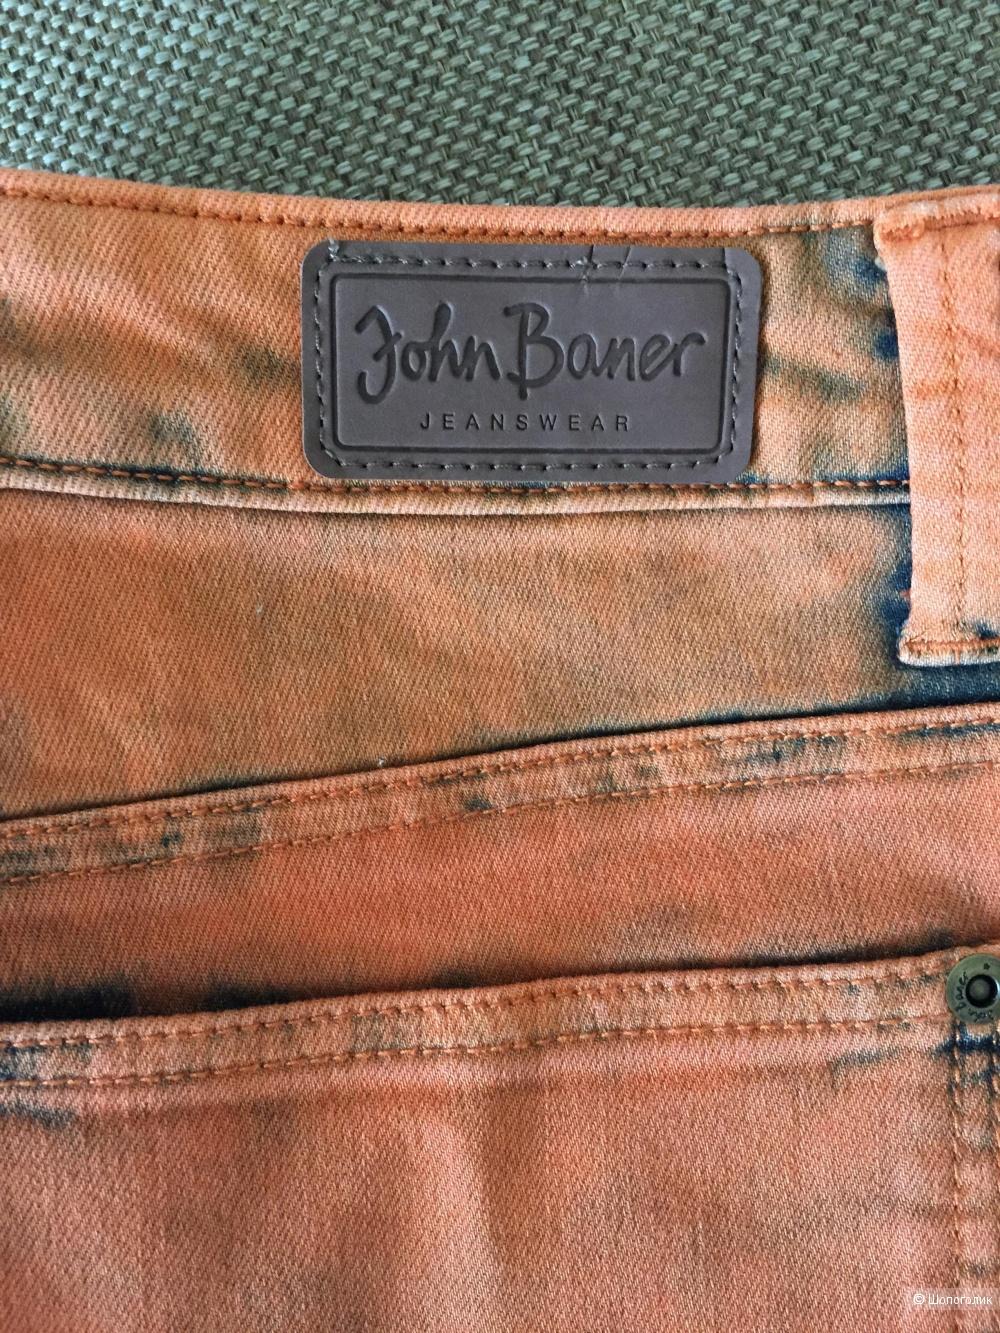 Джинсы John Baner 48 размер